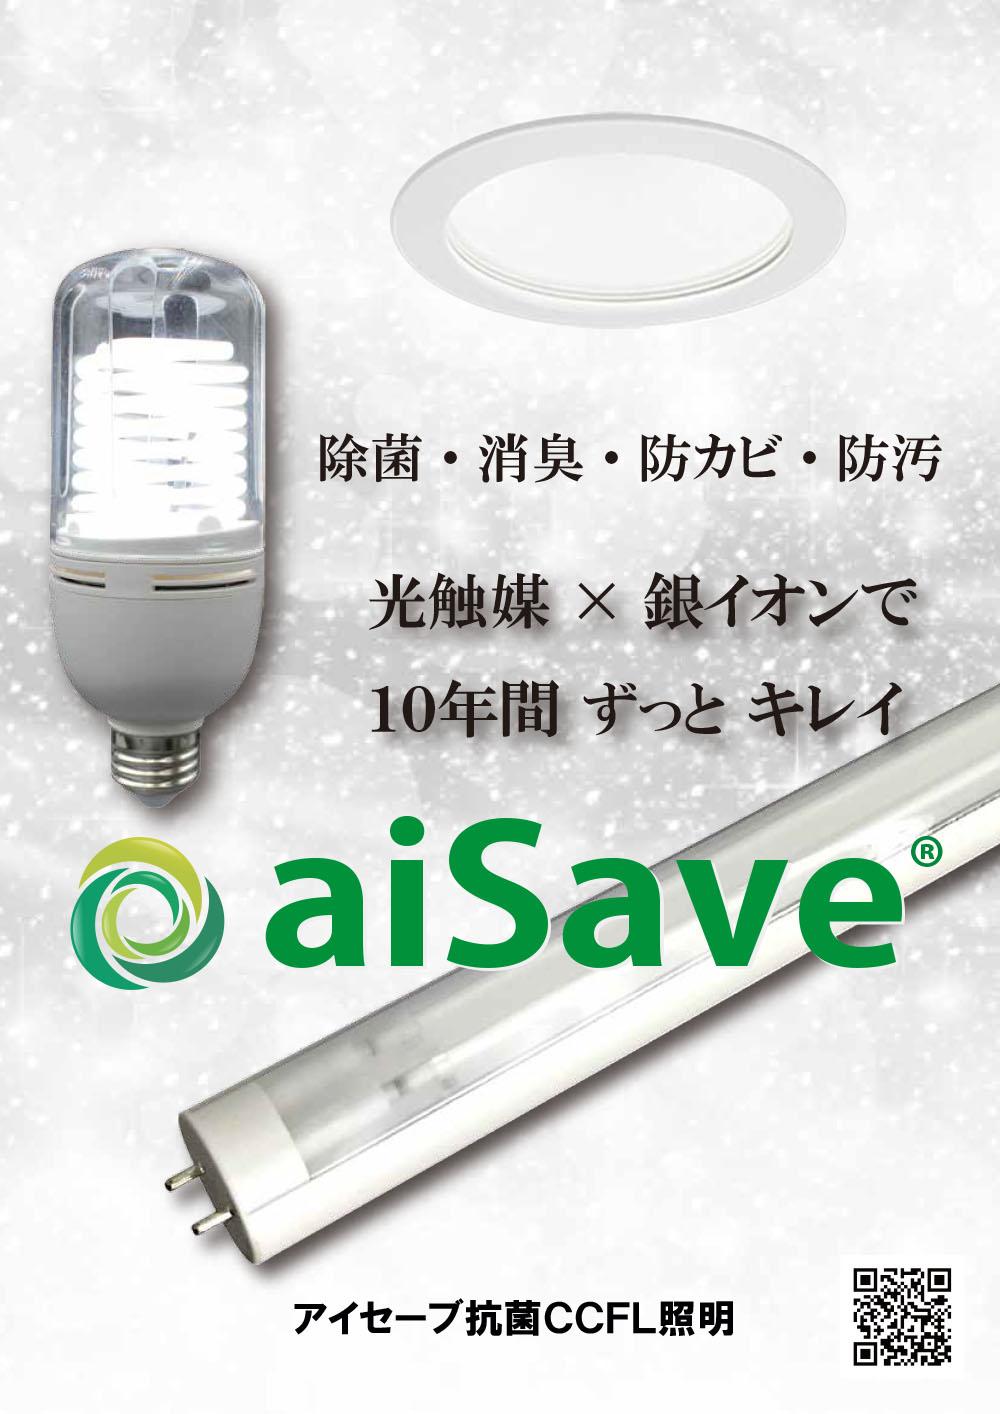 aisave_PDF